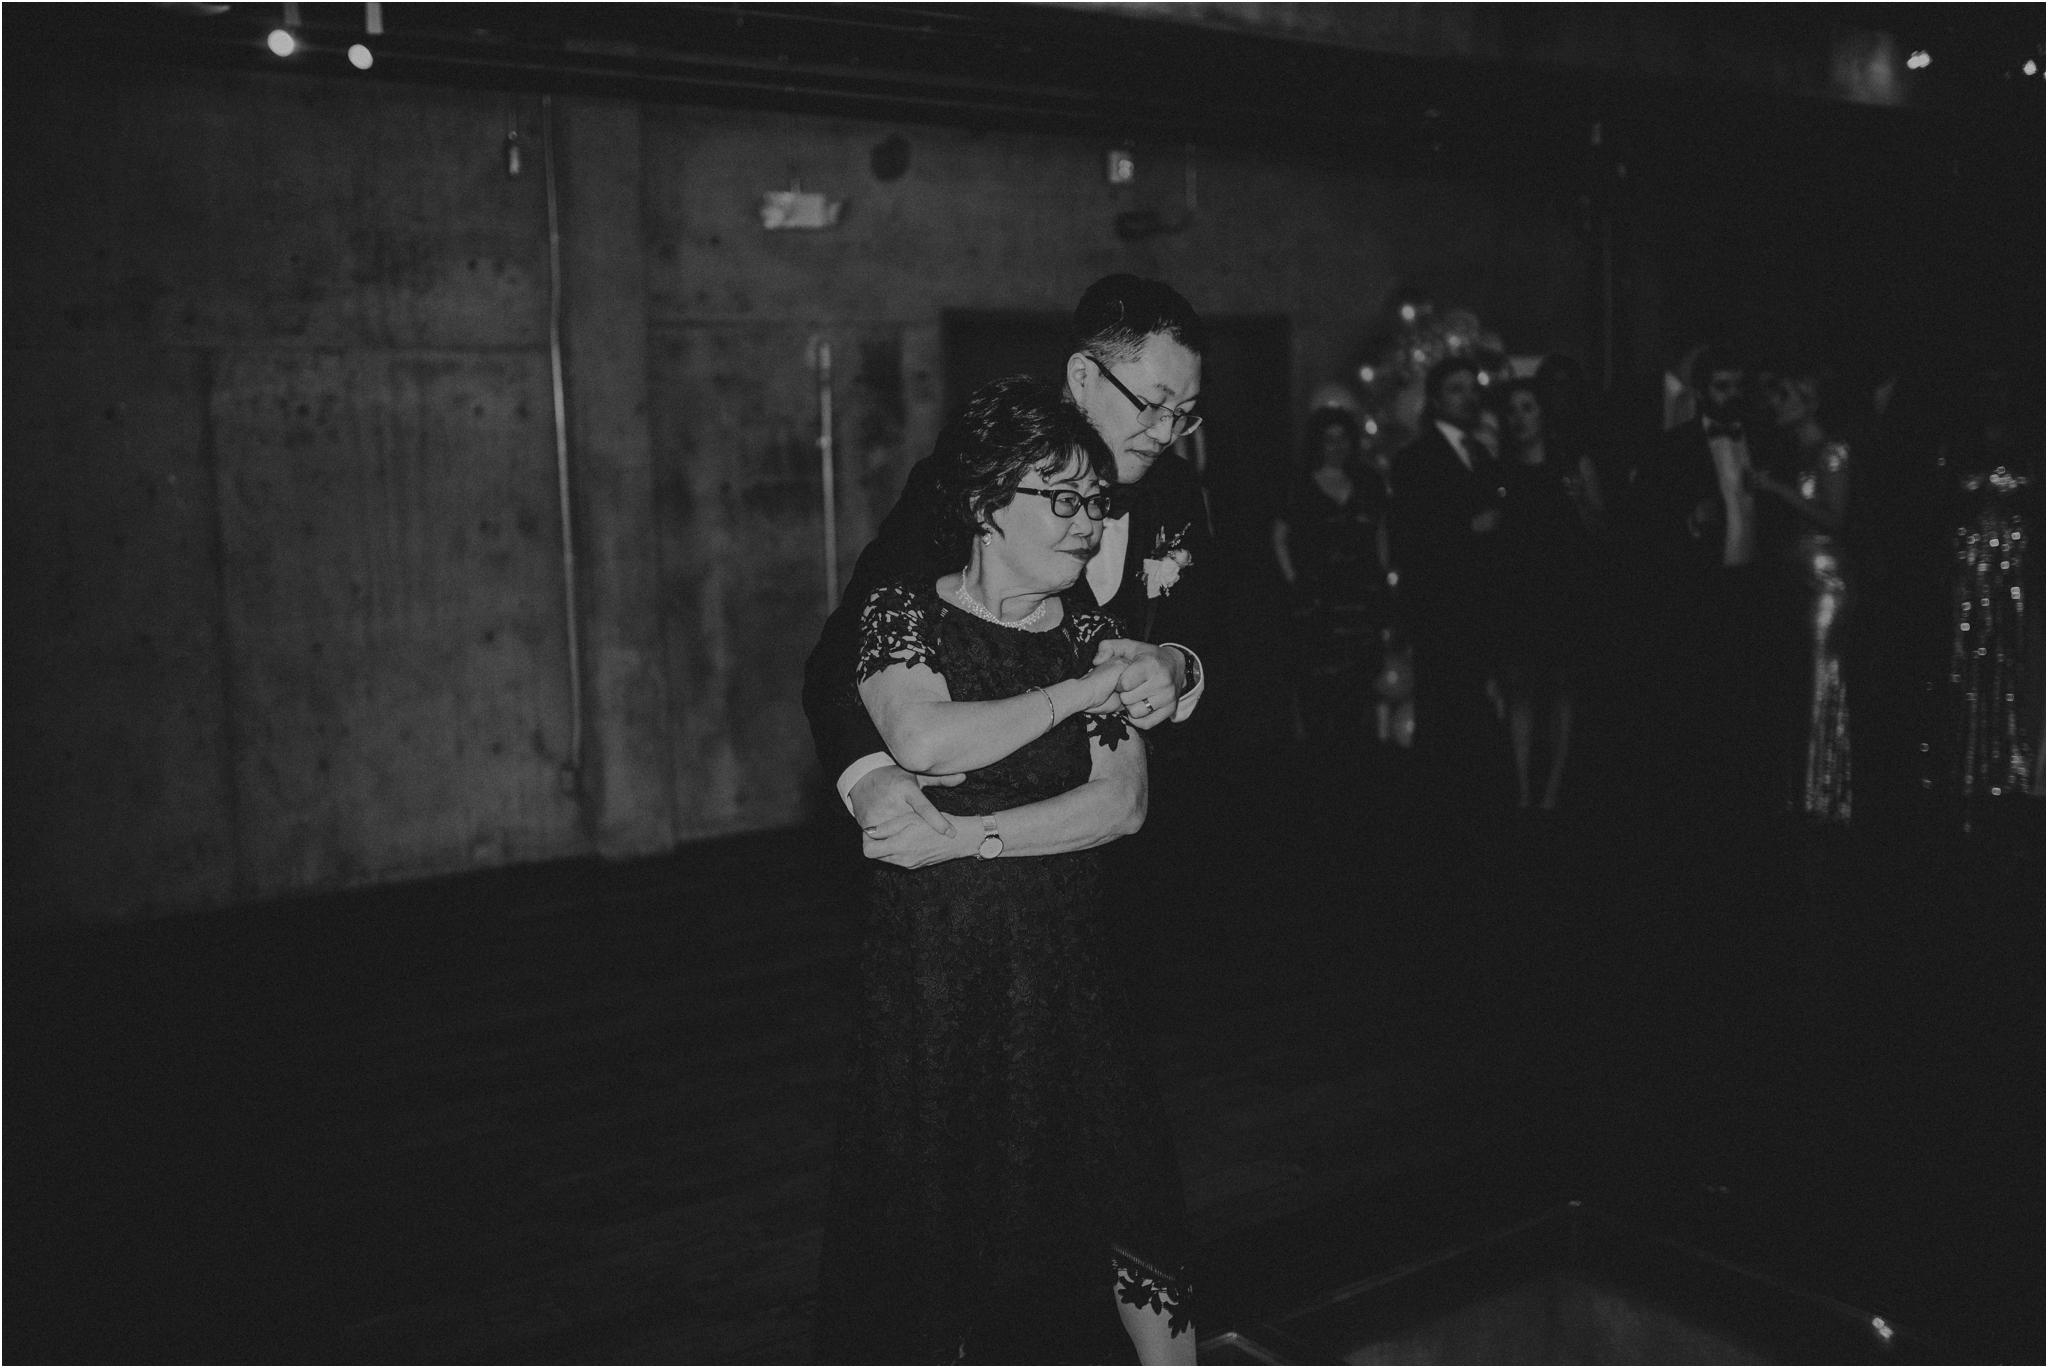 ashley-and-david-fremont-foundry-seattle-washington-wedding-photographer-132.jpg